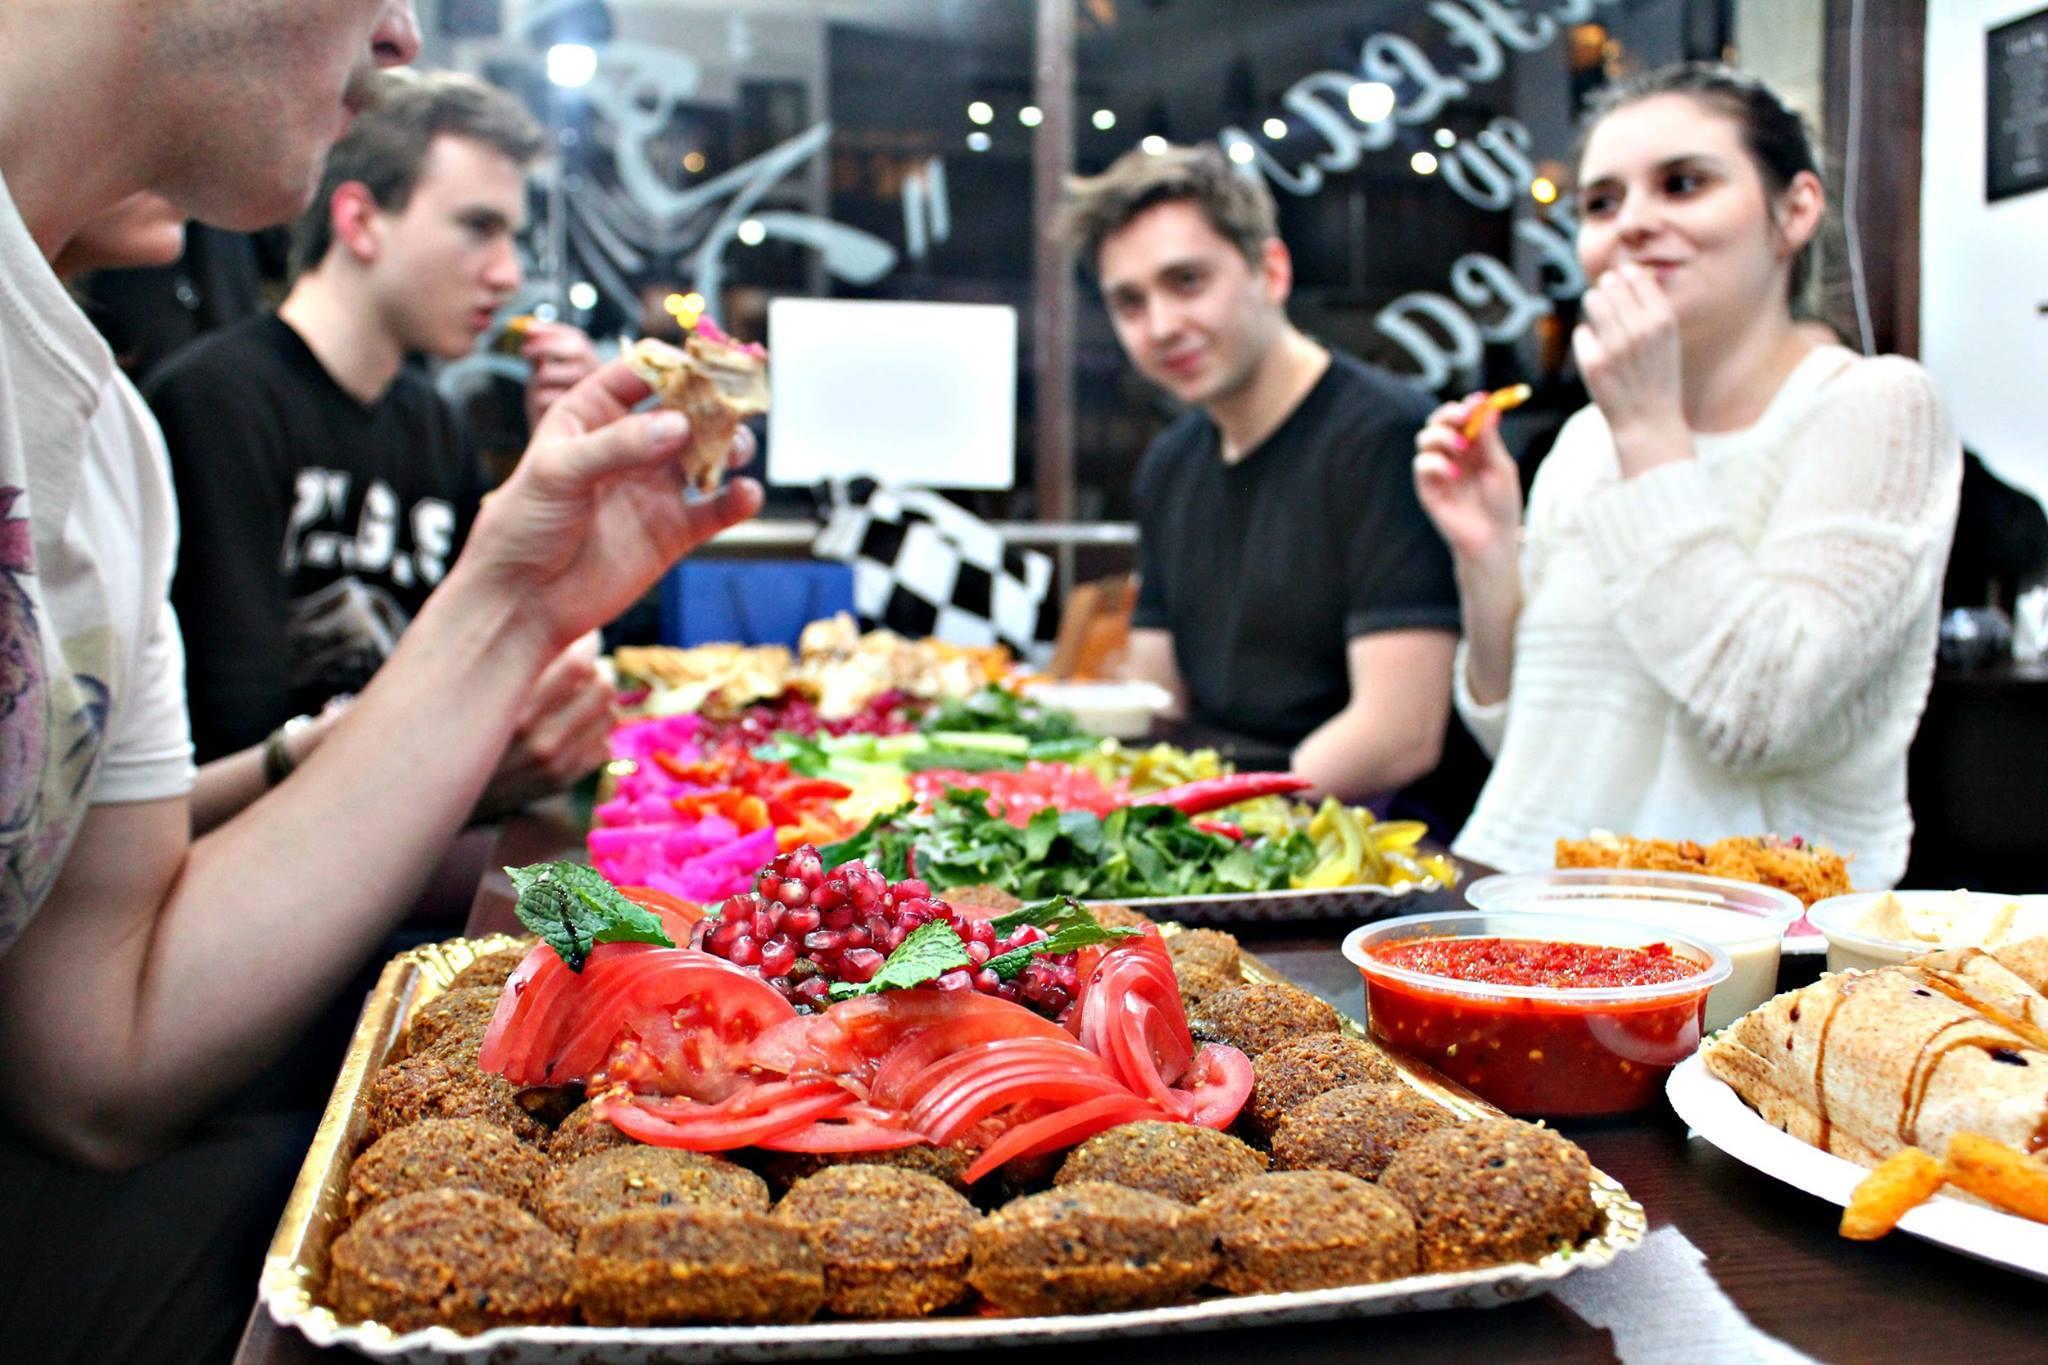 Kuchnia Libanska W Stolicy Gdzie Ja Znalezc Mowia Na Miescie